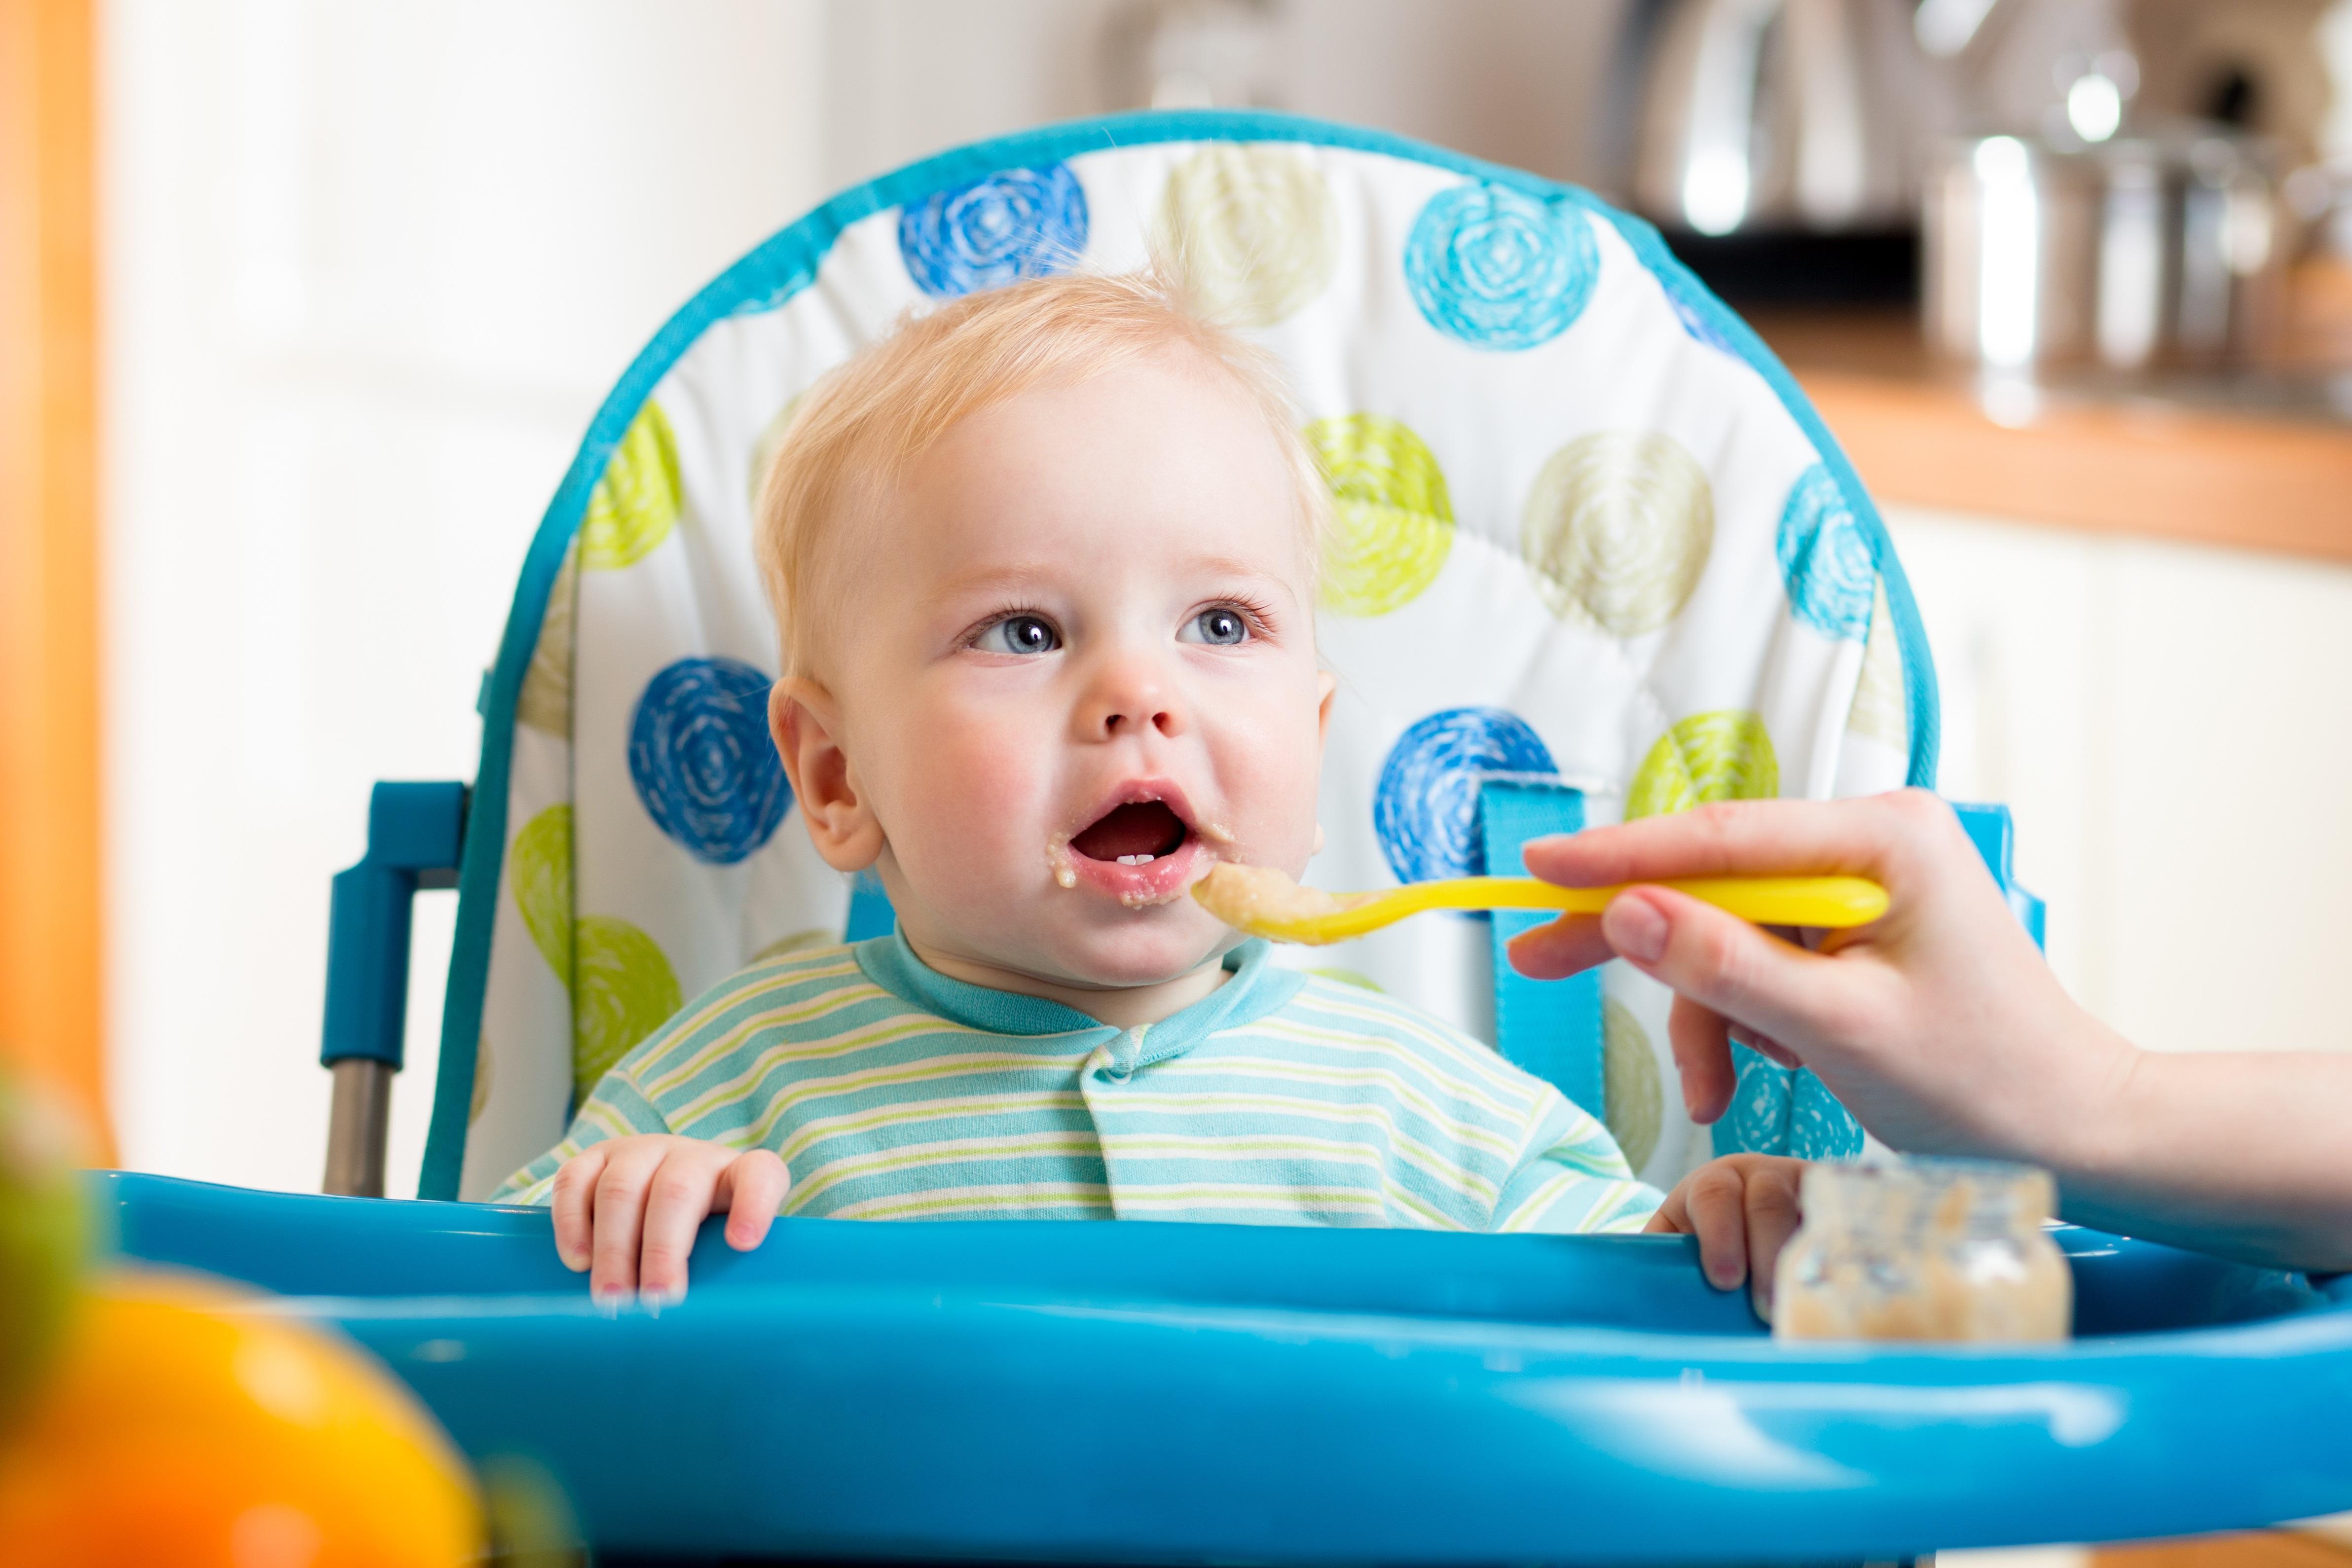 Cadeira de alimentação: Qual é a melhor de 2020?